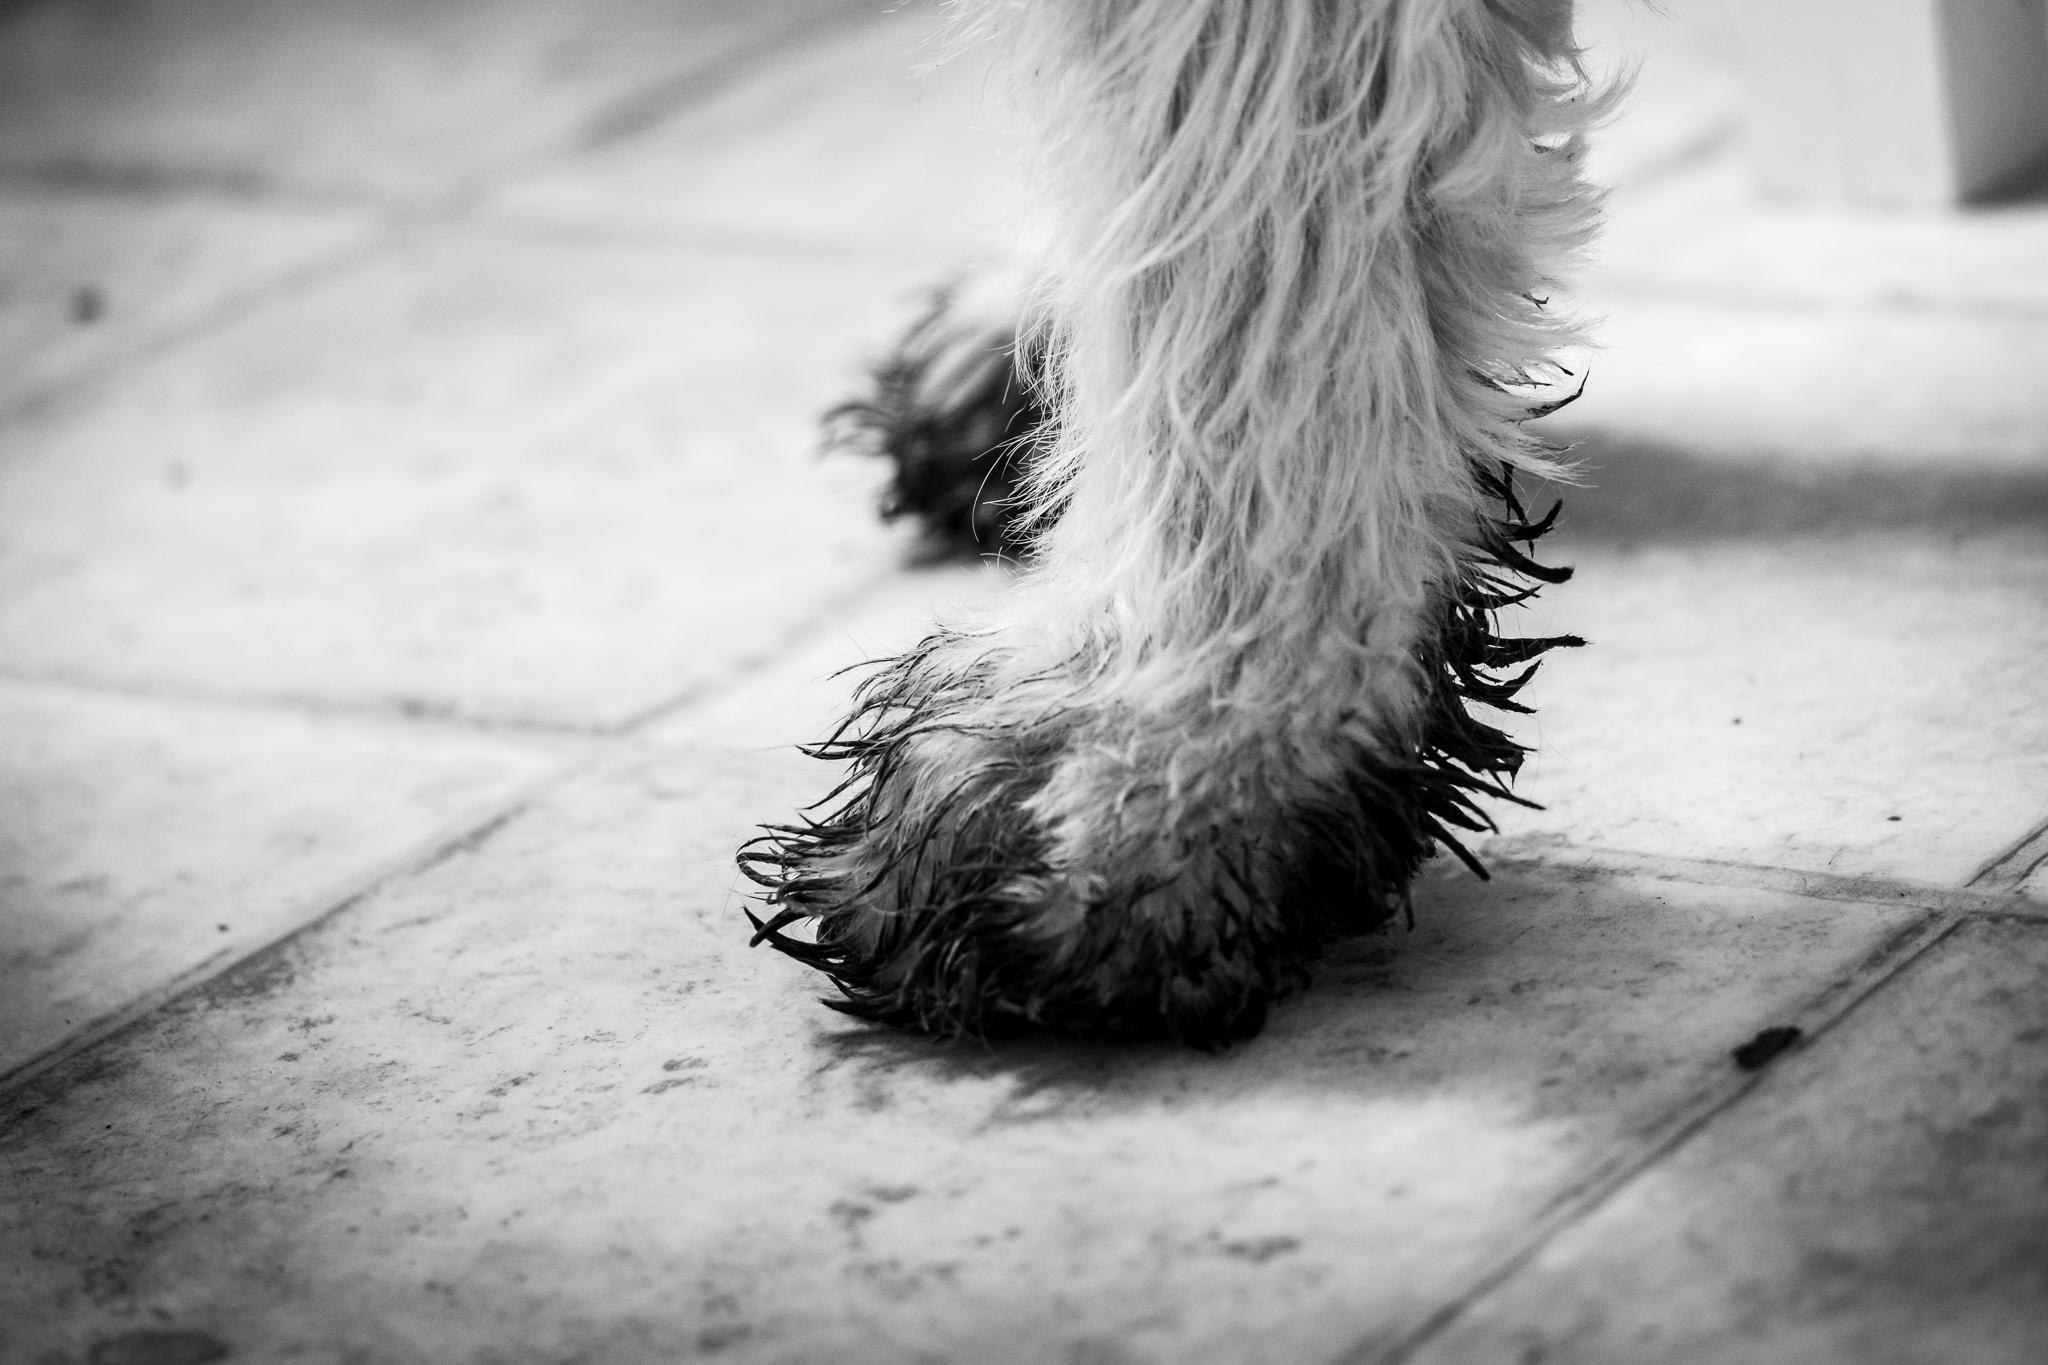 muddy dog feet